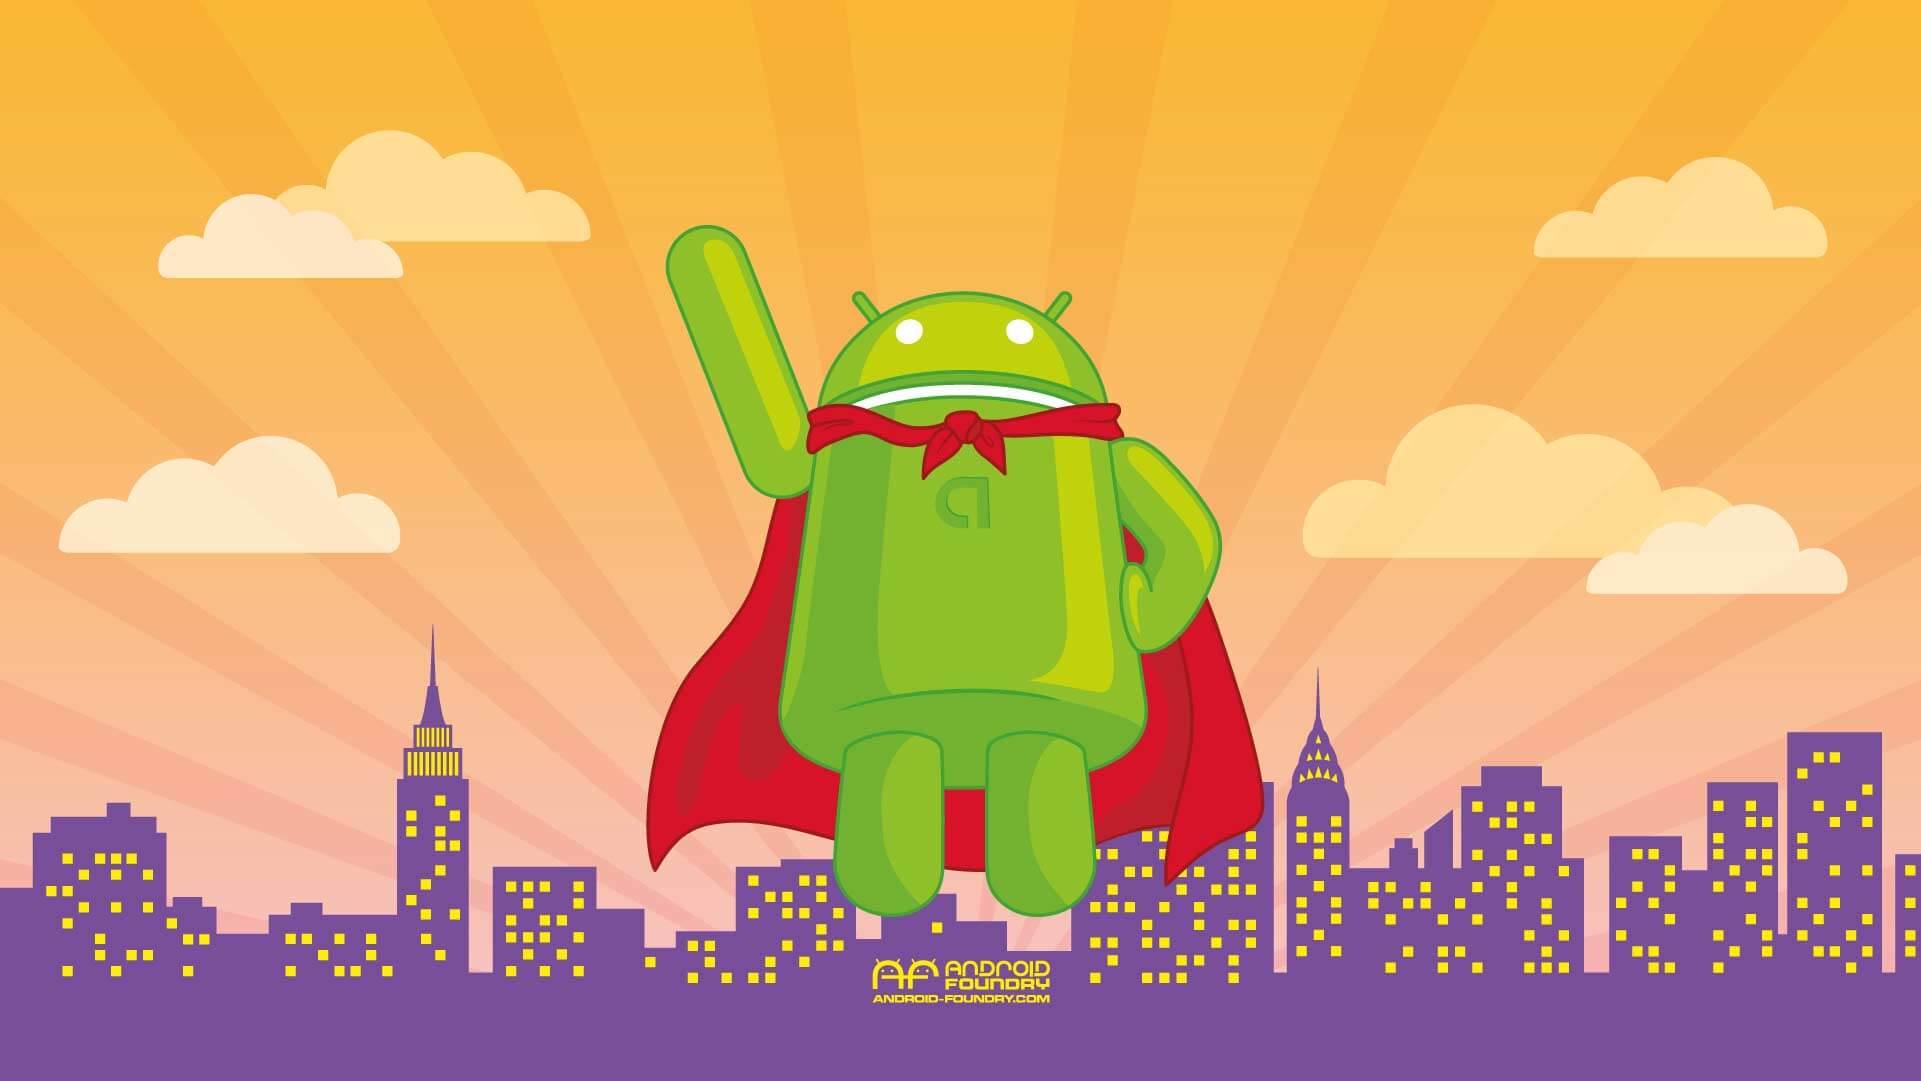 скачать фонбет андроид последняя версия